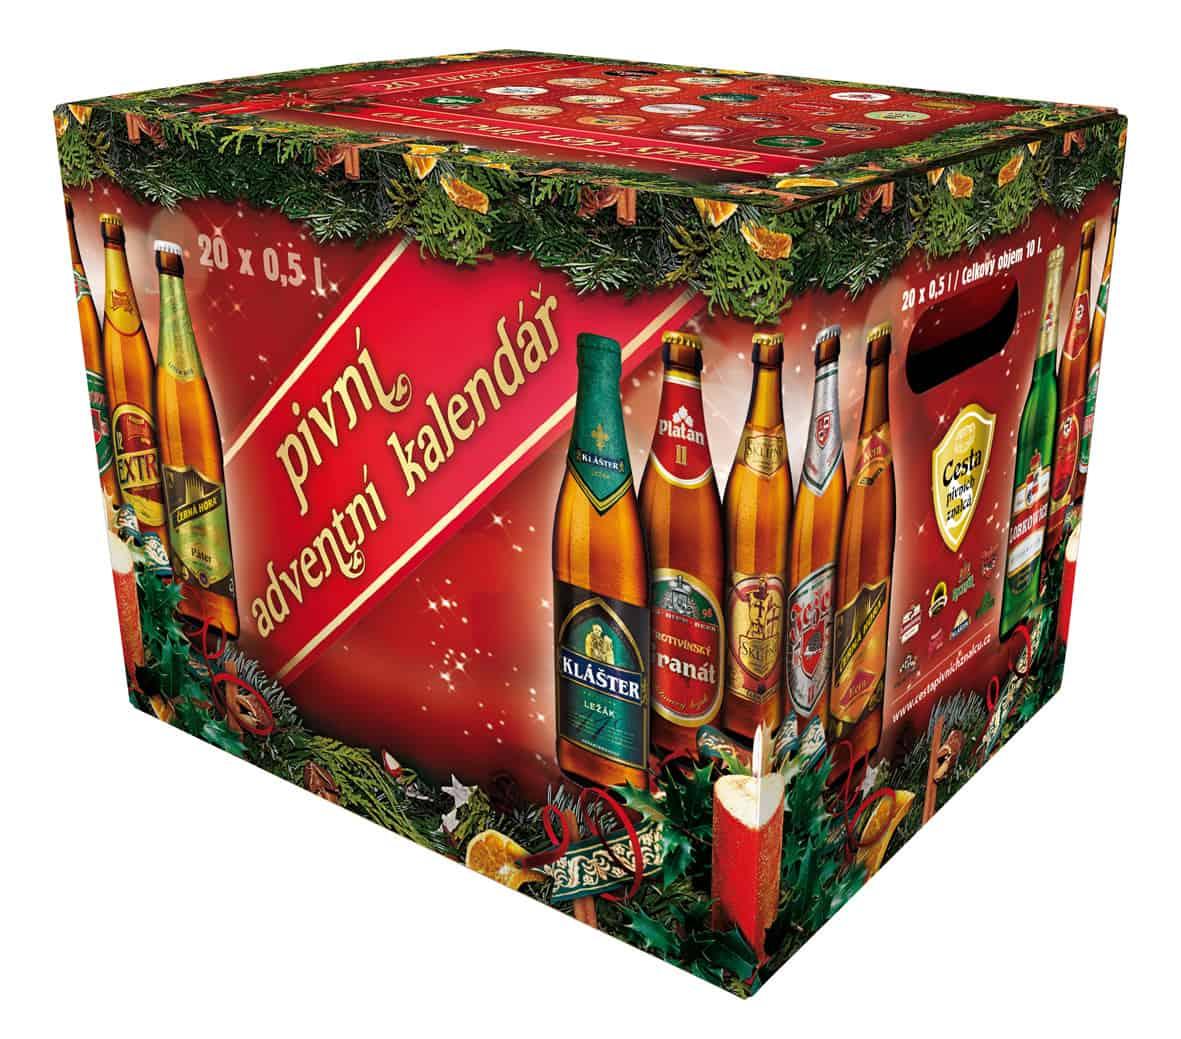 Pivní kalendář.